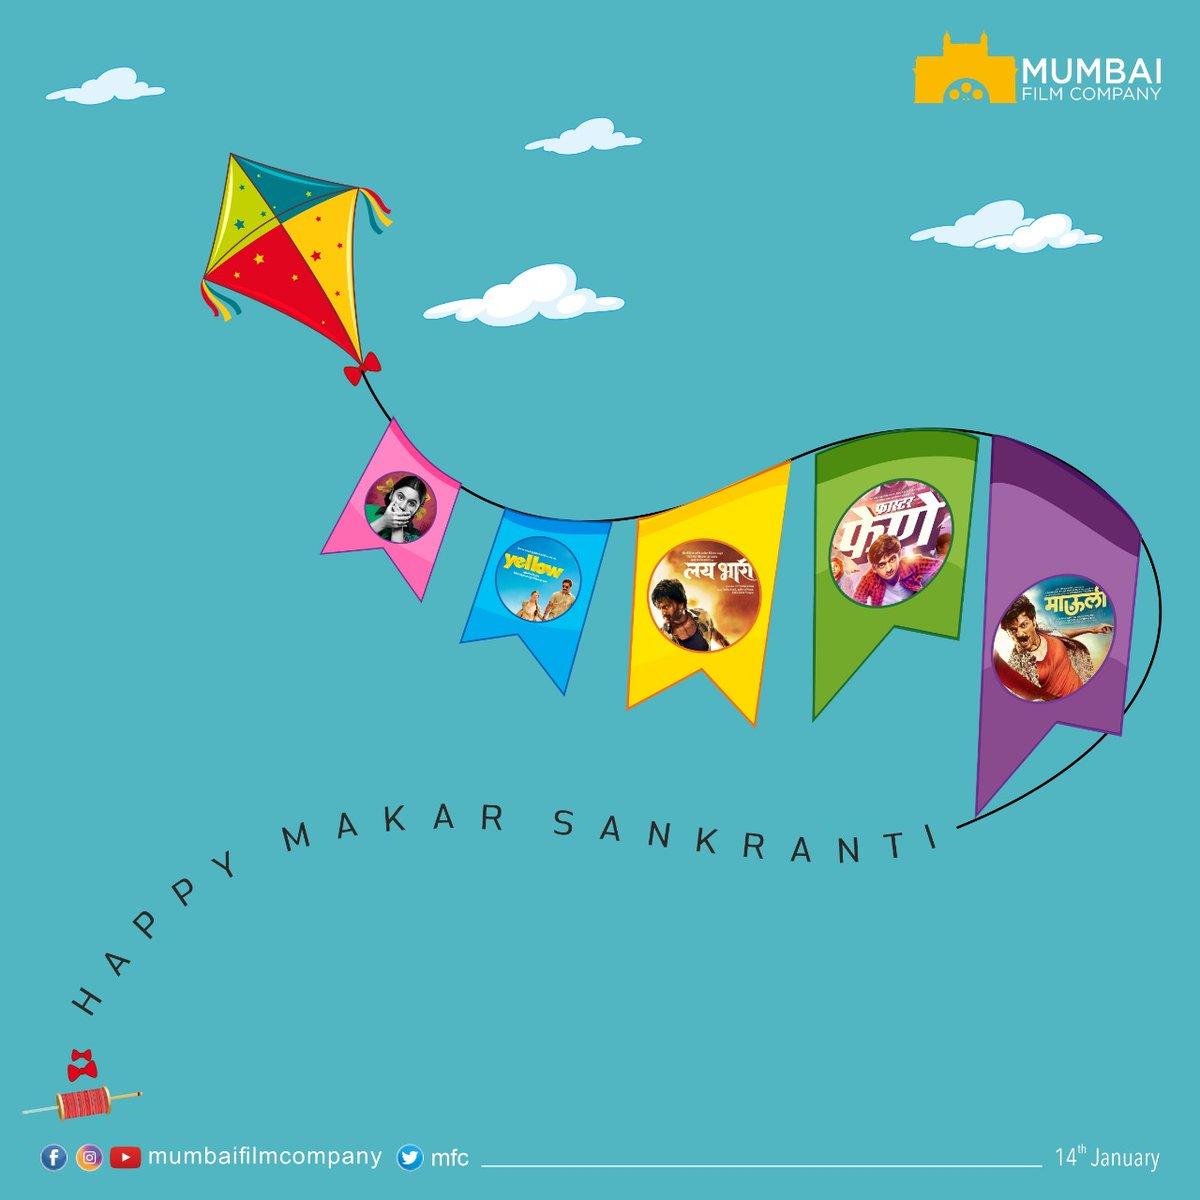 नवीन उत्सवाचे स्वागत करा, तिळगुळ घ्या गोड बोला. मकर संक्रांतीच्या हार्दिक शुभेच्छा ! . . . #MFC #HappyMakarSankranti